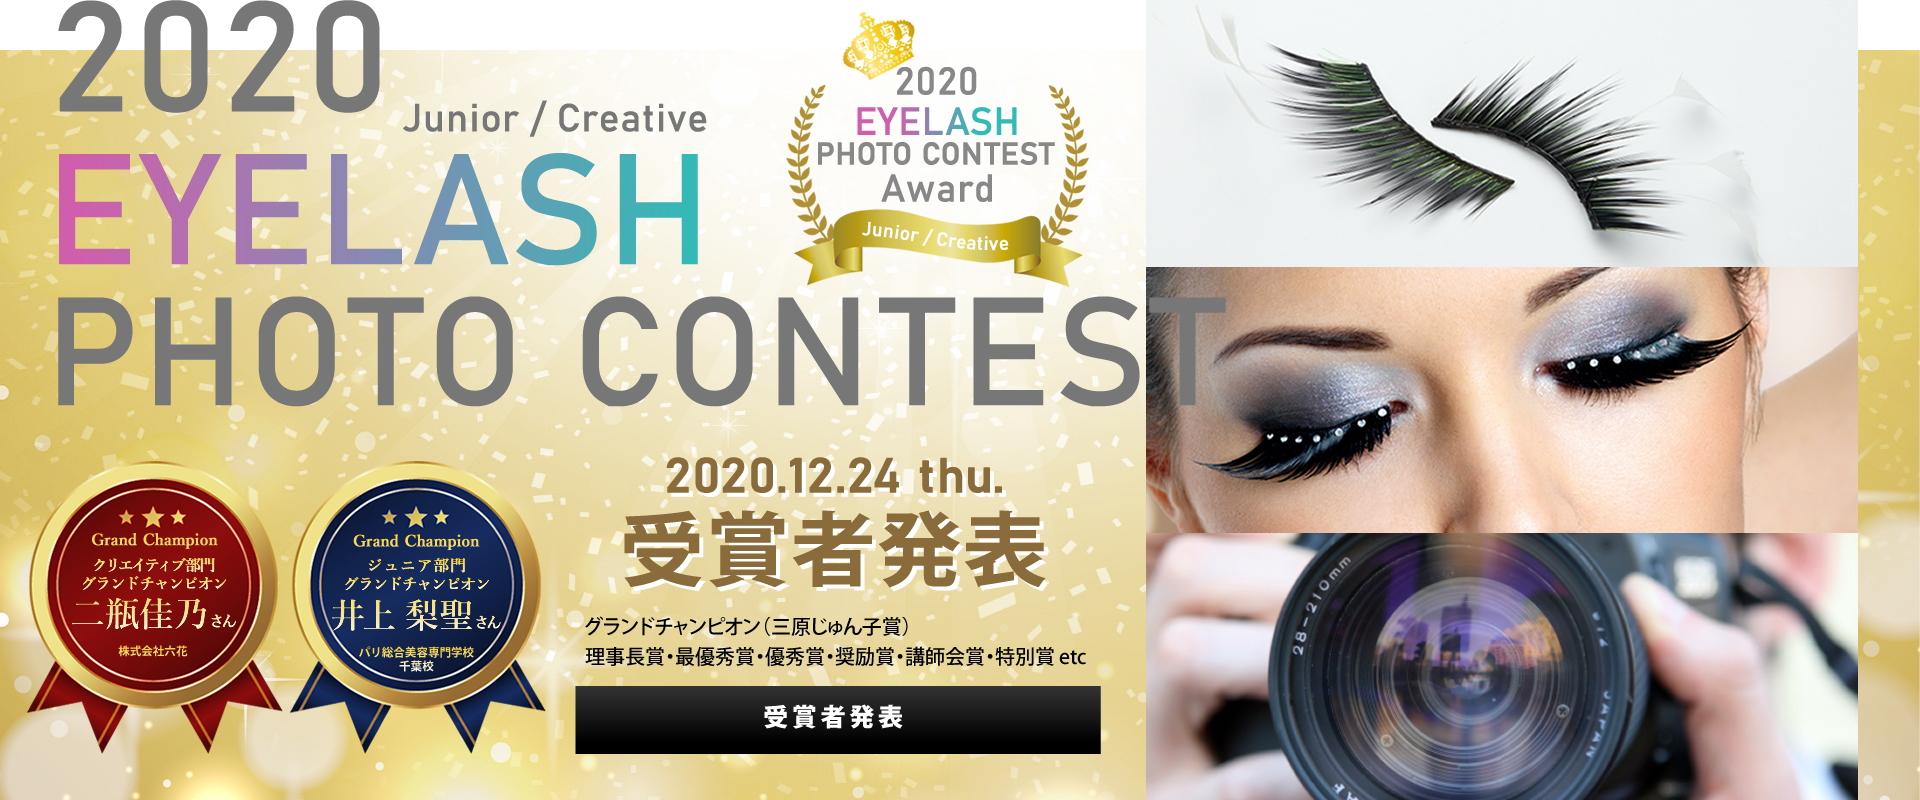 2020年JECAフォトコンテスト受賞者(ノミネート)発表